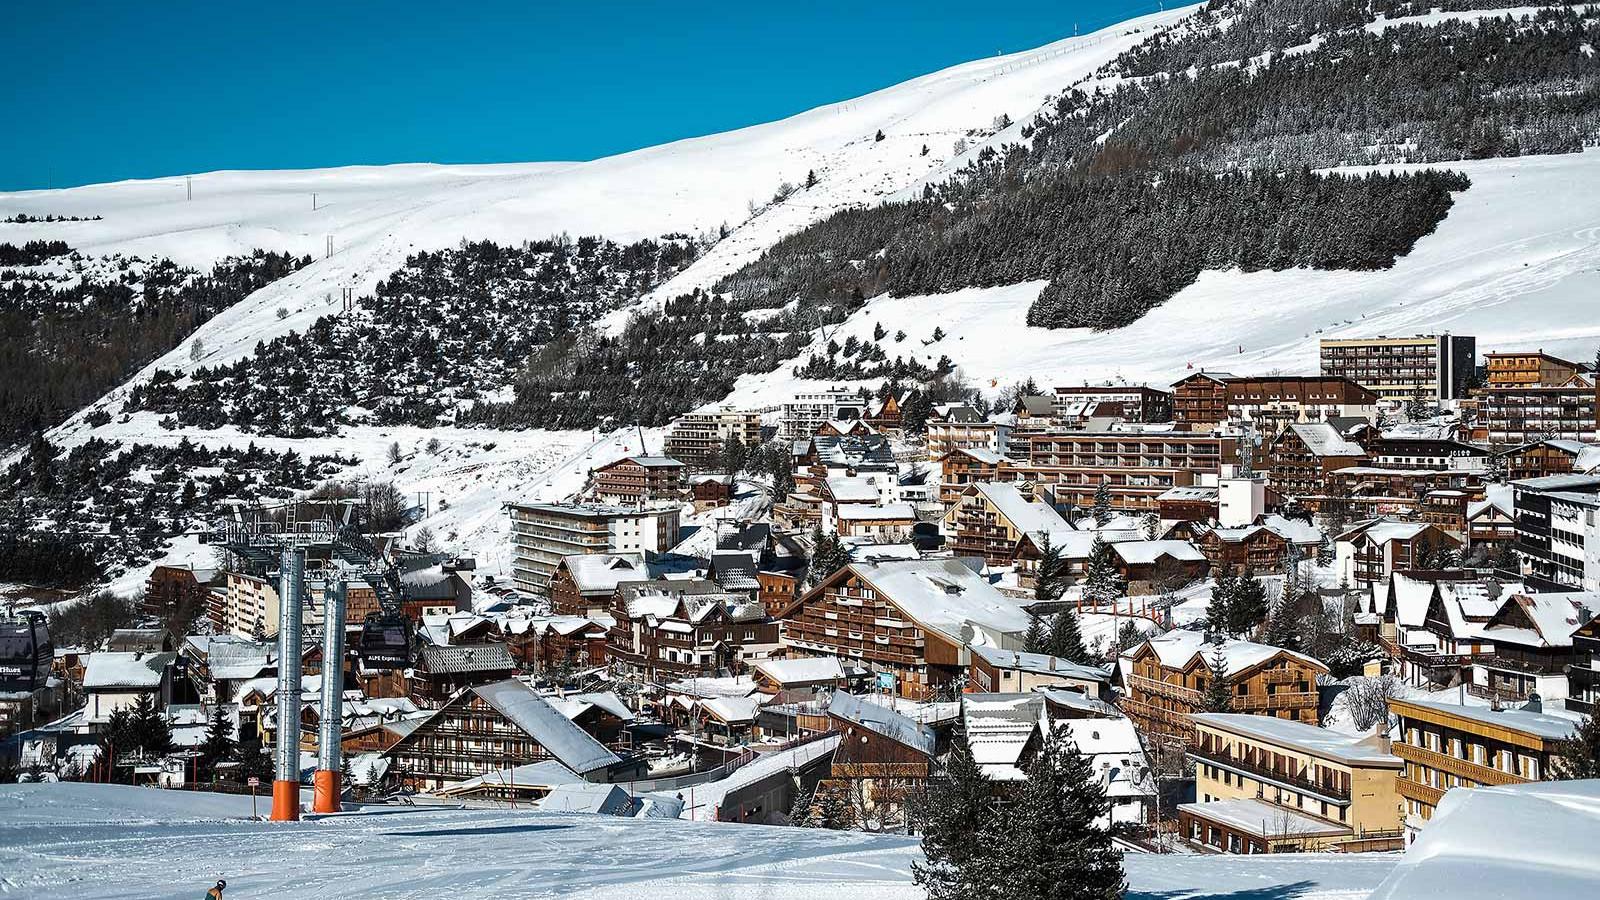 Daria-I Nor Hotel, Alpe D'Huez - Exterior